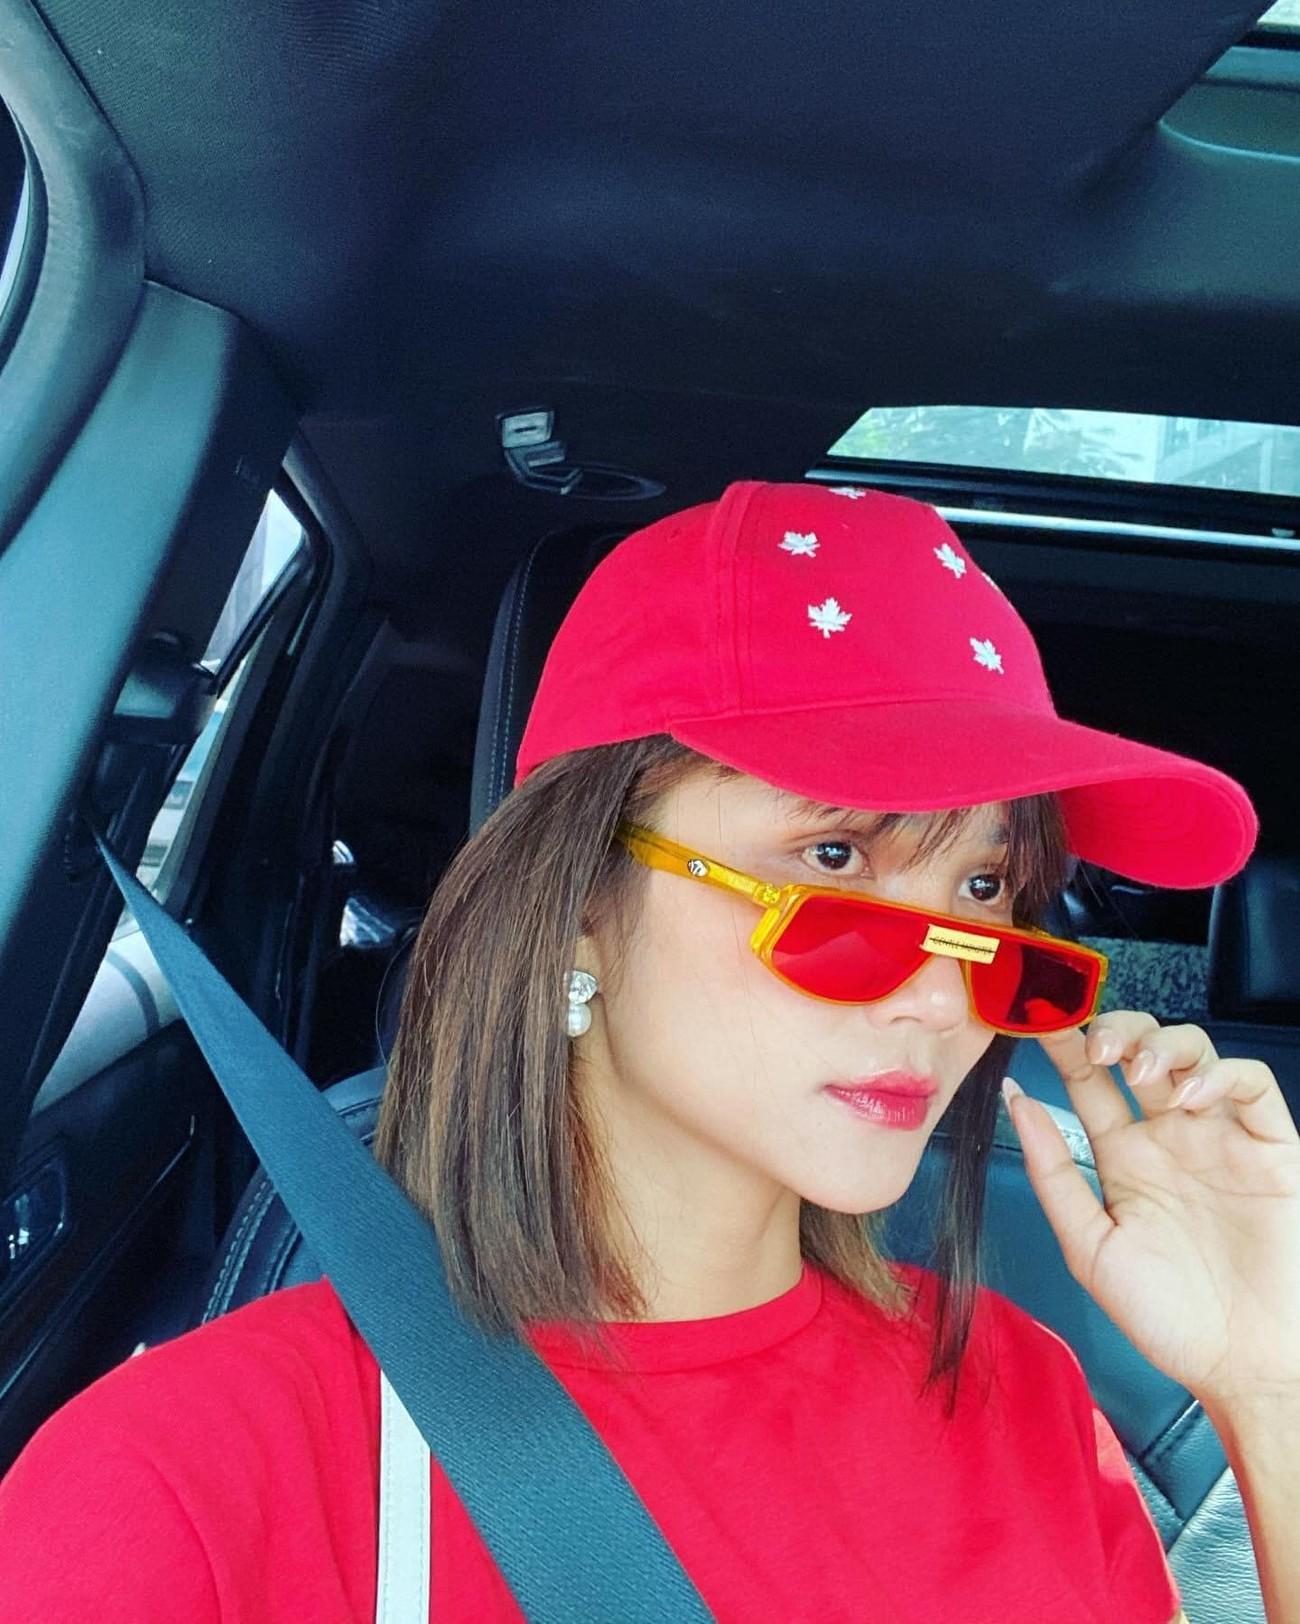 Minh Tú hoá 'nữ thần Cupid' nóng bỏng, Á hậu Phương Anh 'đốt mắt' fans với áo tắm quyến rũ ảnh 10